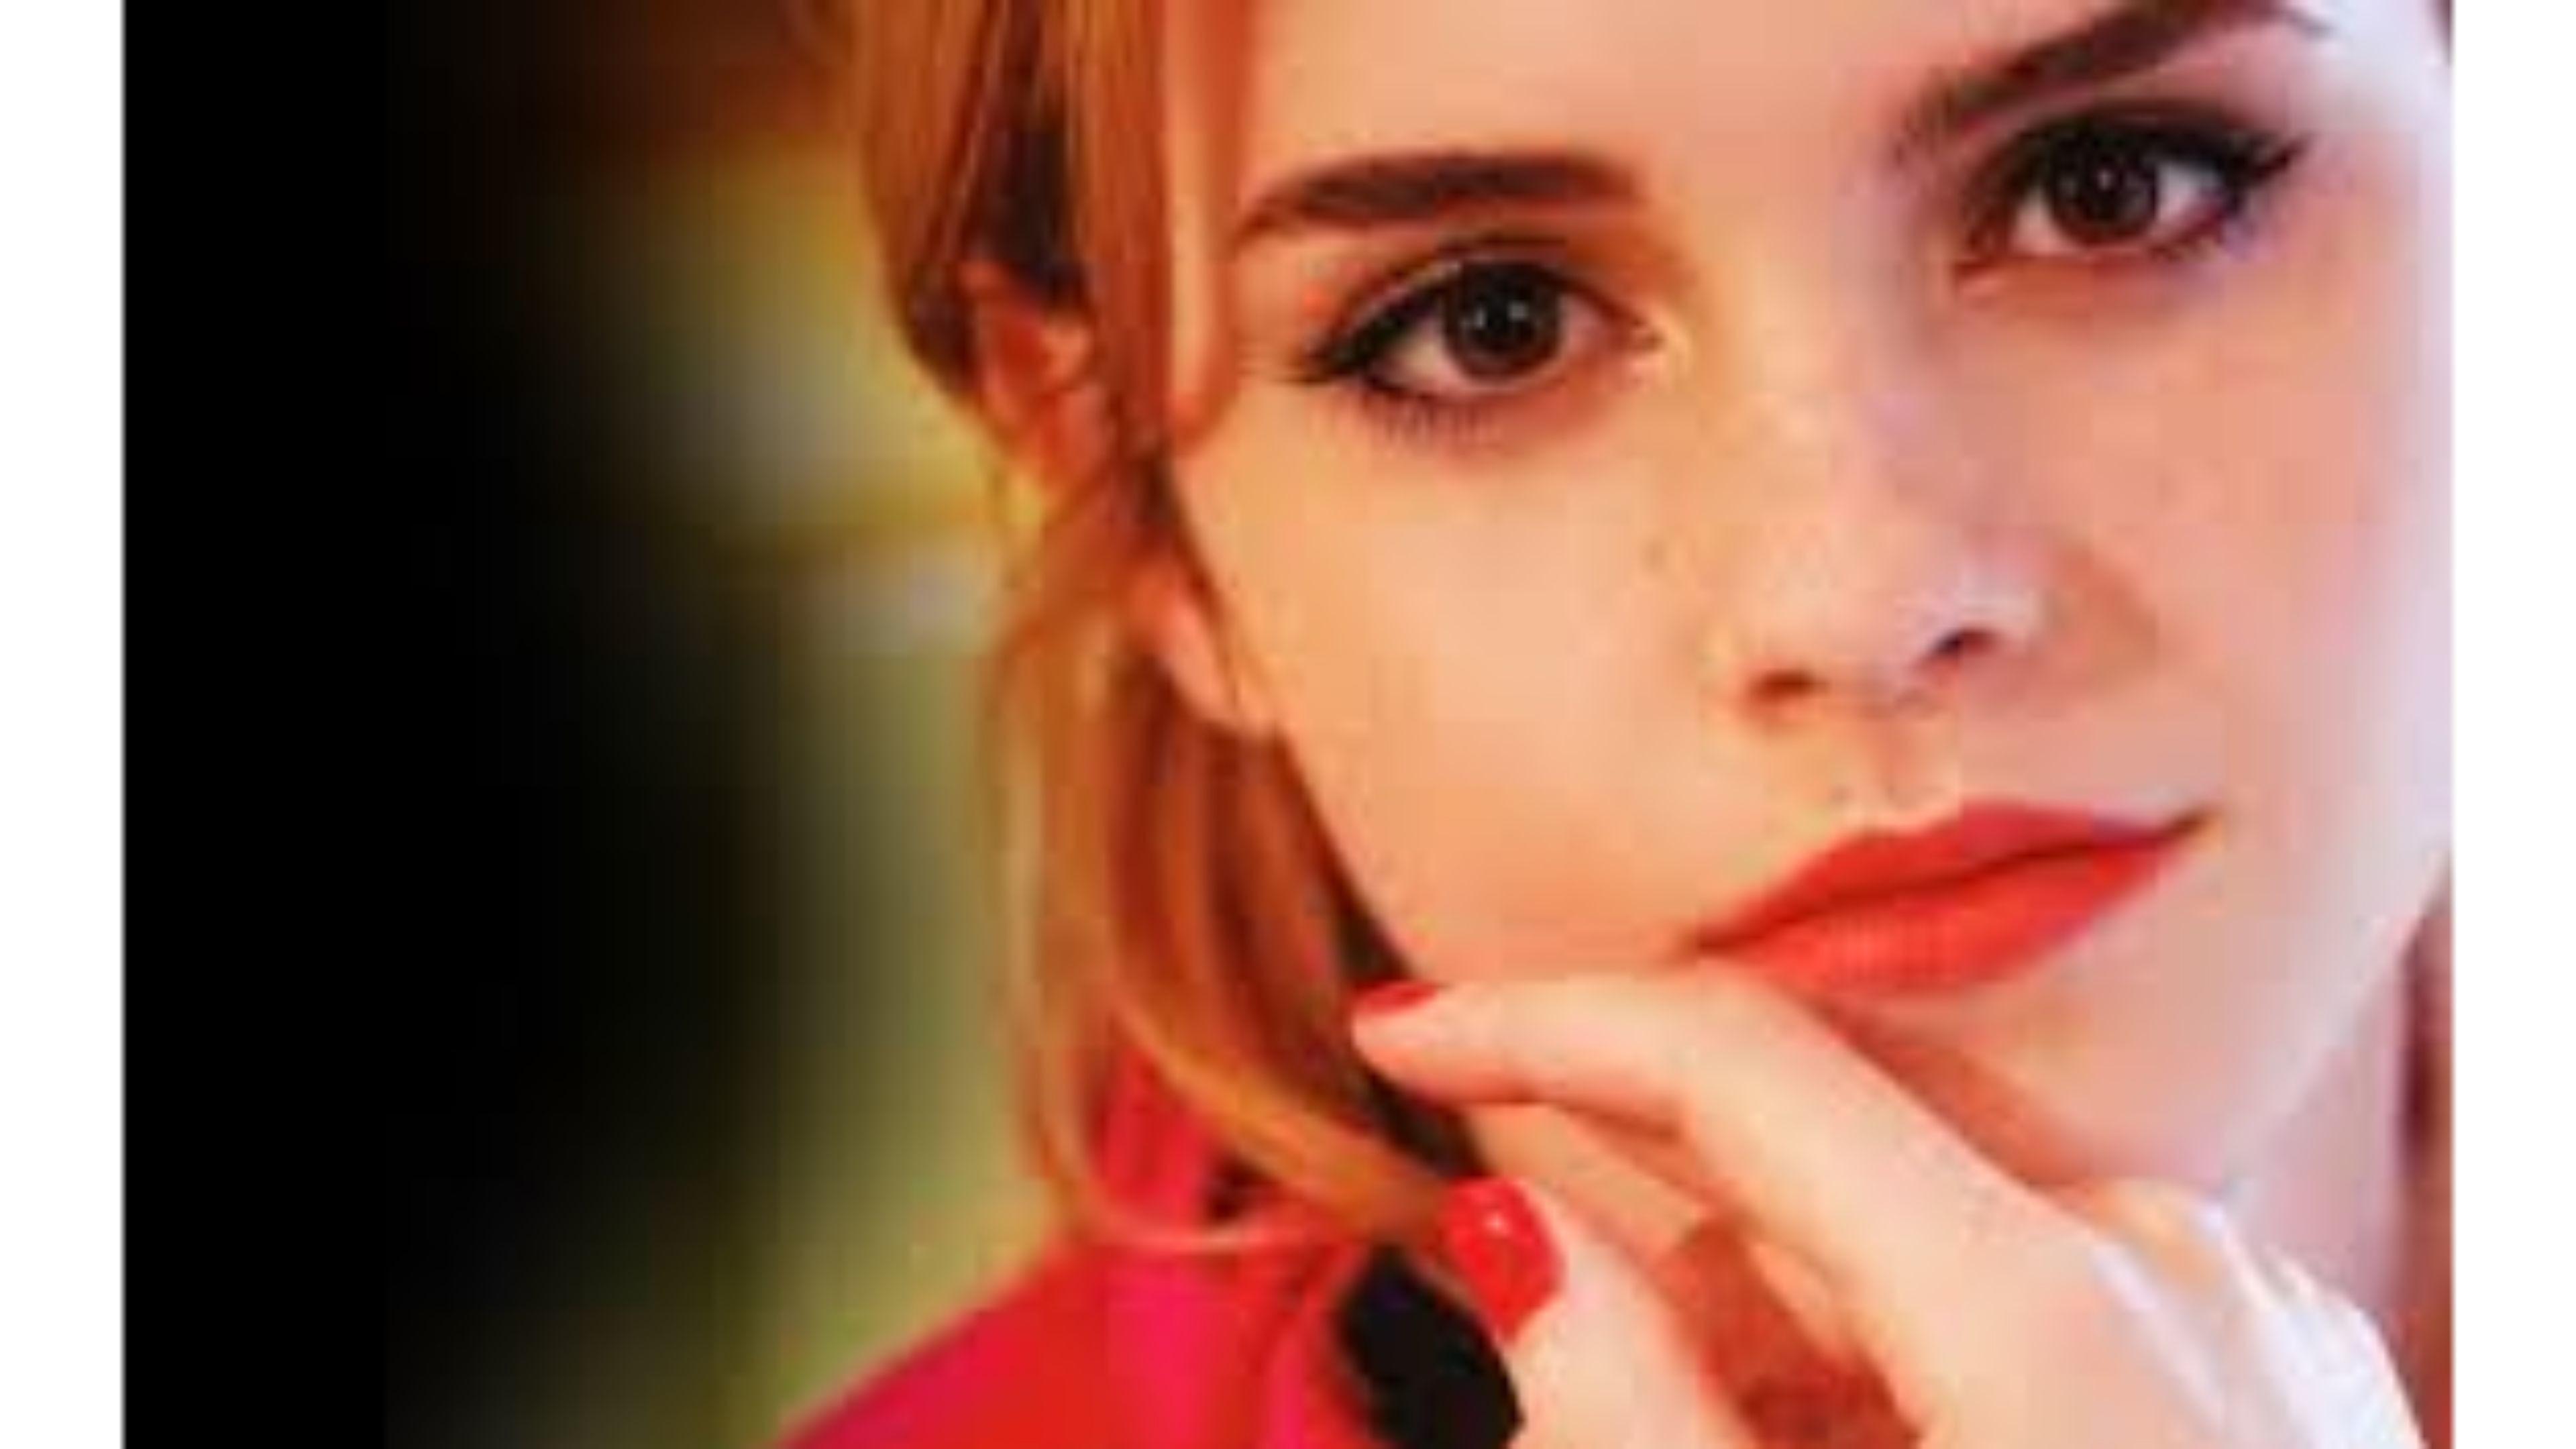 2560x1440 ... emma-watson-hd-wallpapers-0 | Emma Watson HD Wallpapers .